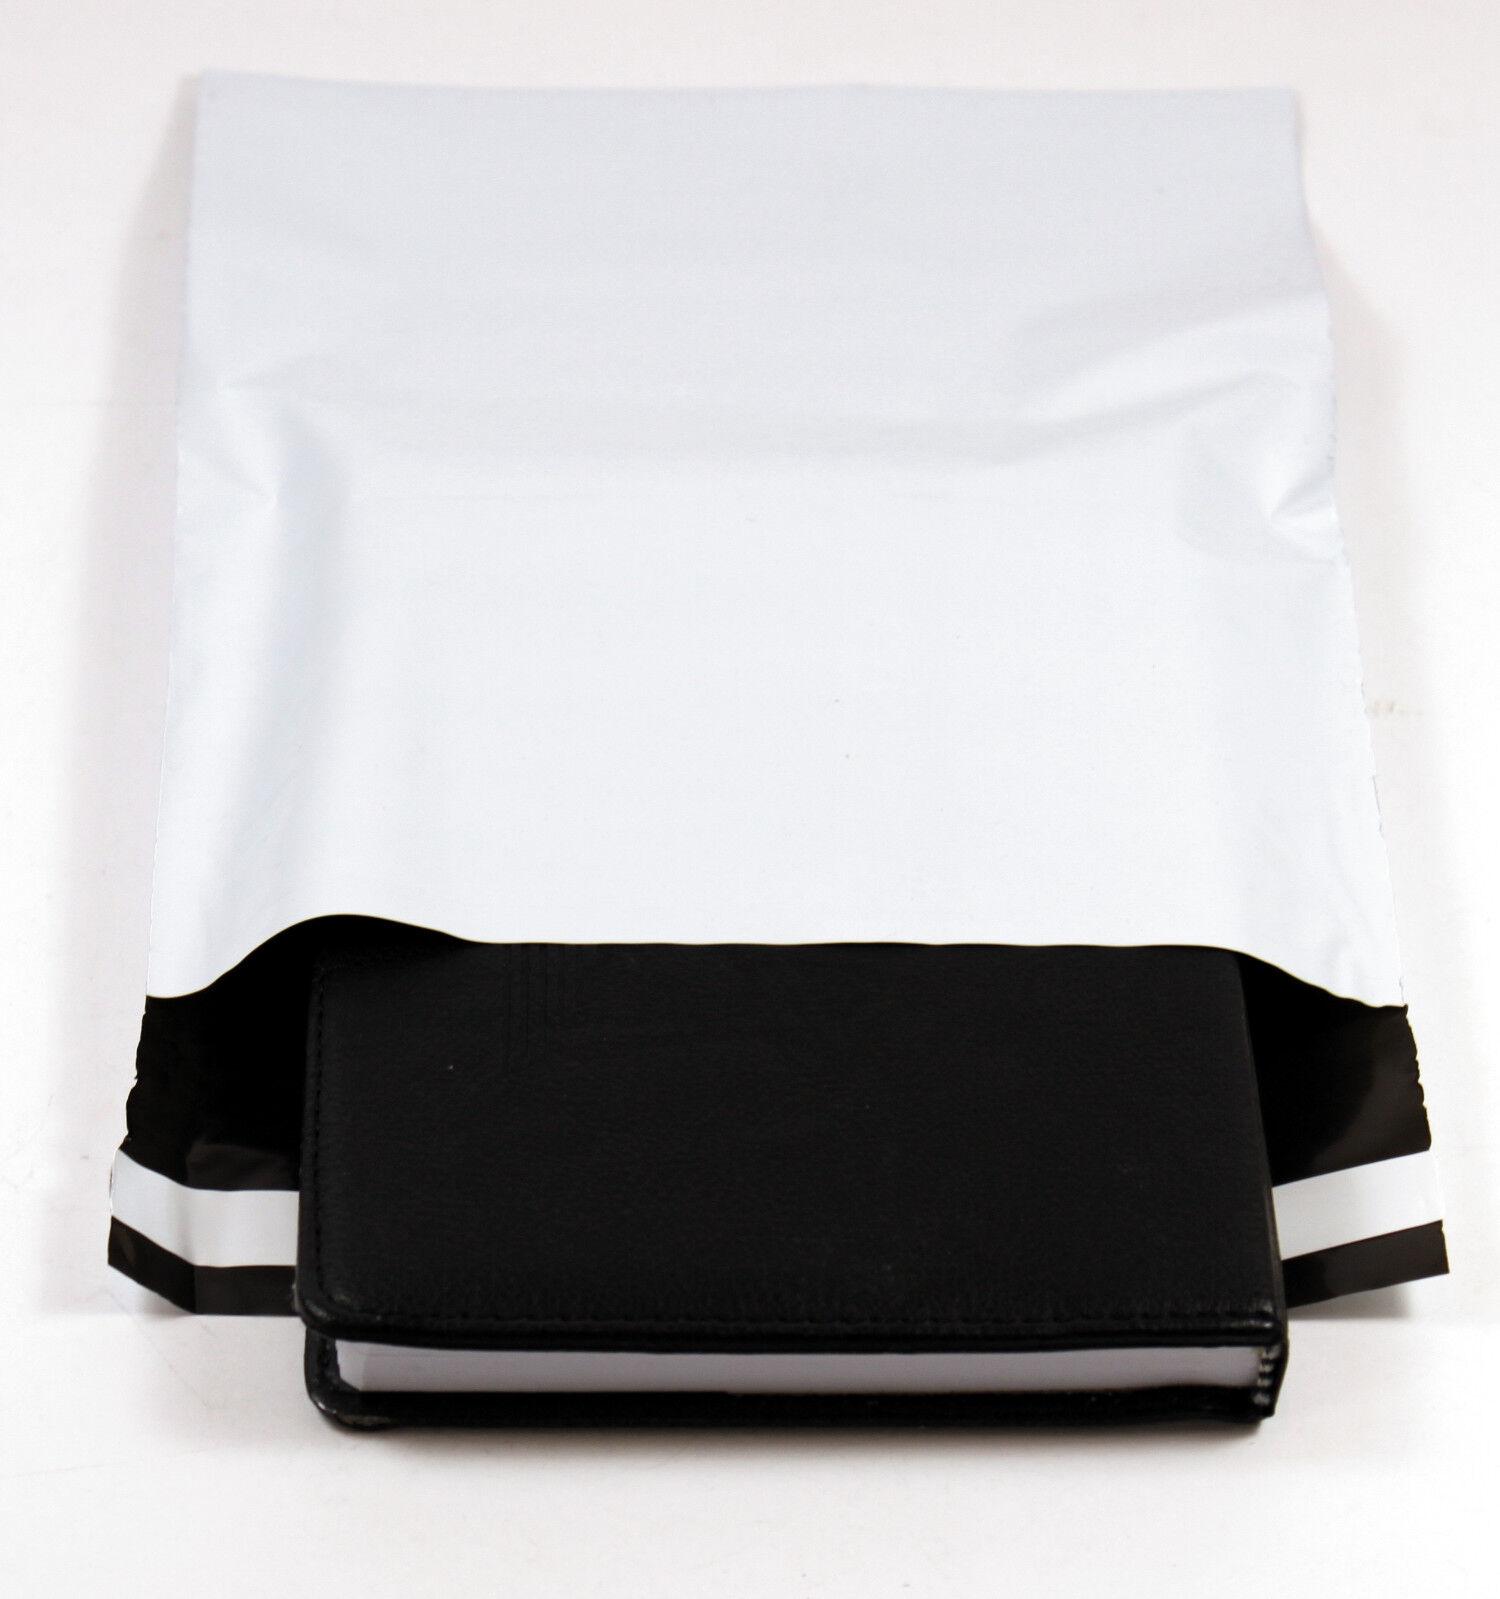 Versandbeutel 200 Stk XM-35x46cm Versandtaschen Tüten blickdicht selbstklebend